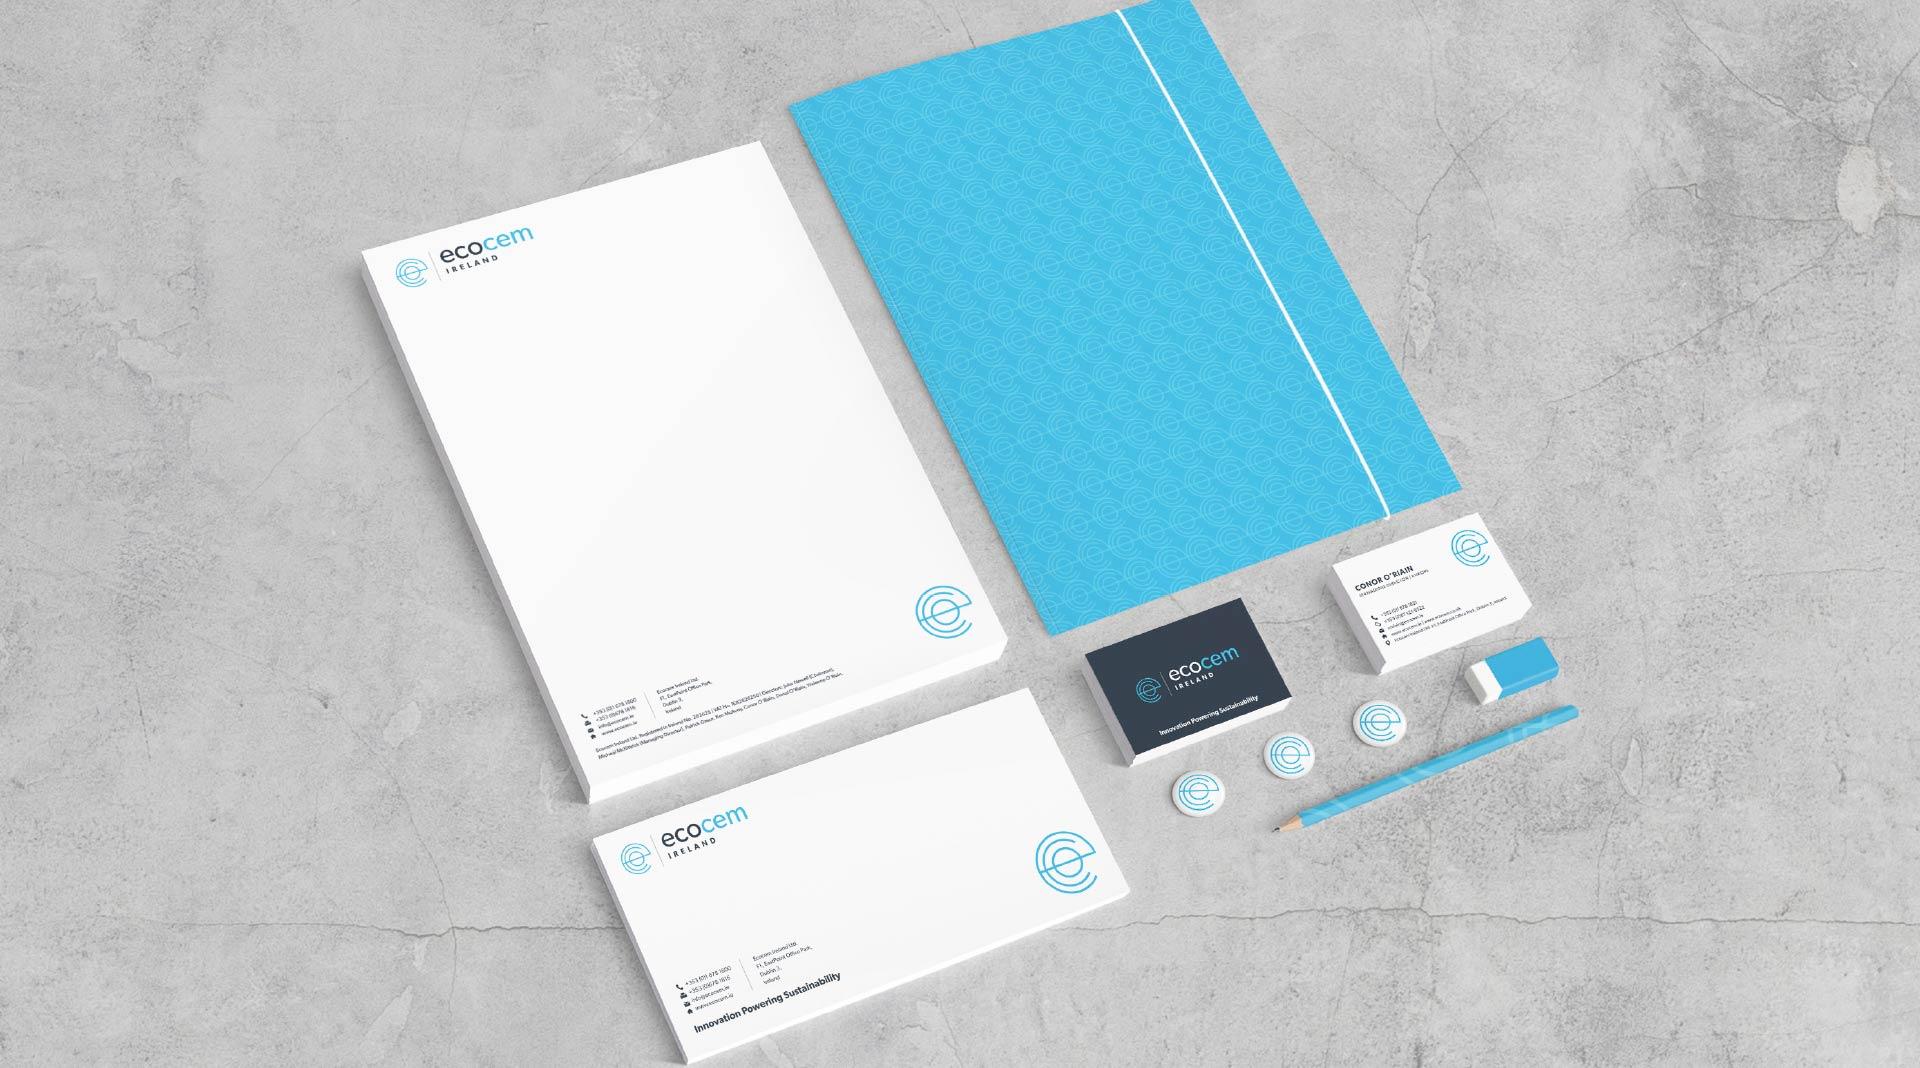 Ecocem Ireland stationery design